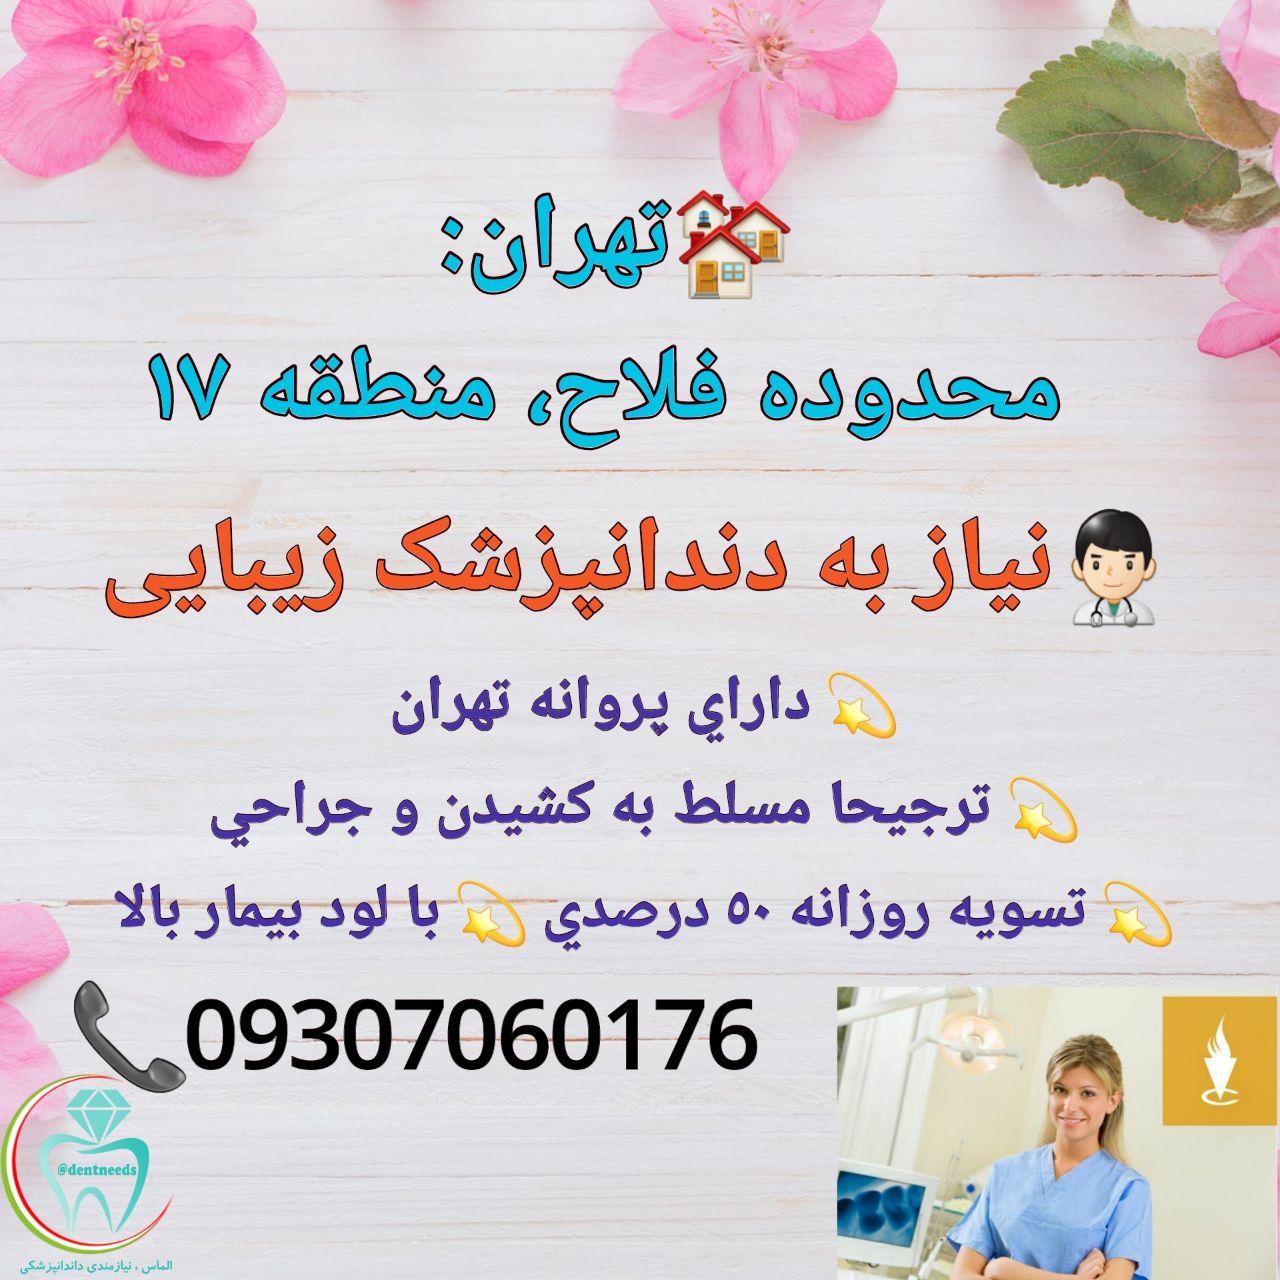 تهران: محدوده فلاح، منطقه ۱۷، نیاز به دندانپزشک زیبایی